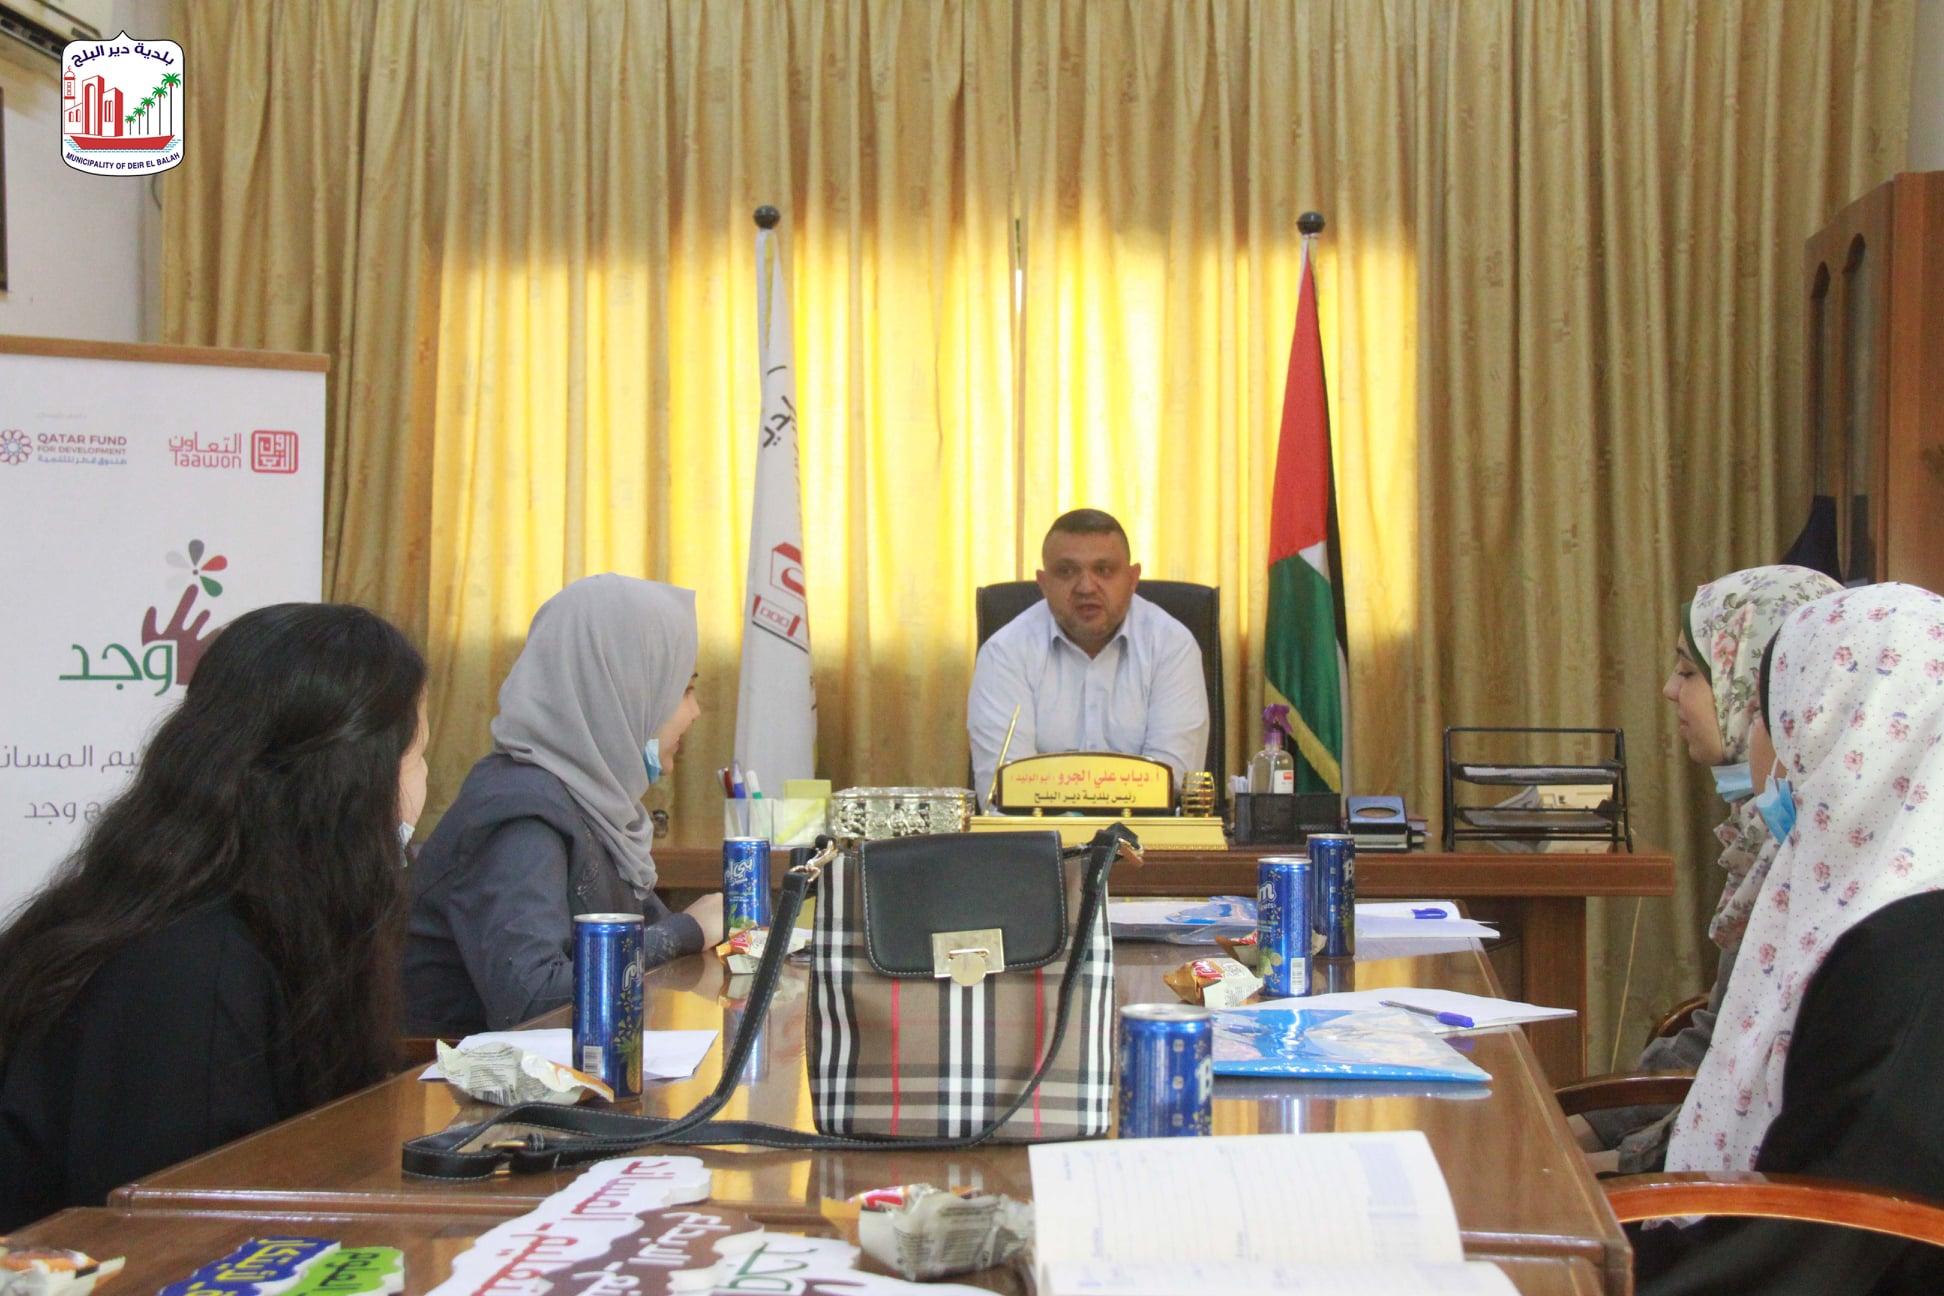 رئيس بلدية دير البلح يستقبل وفد من فريق البحث العلمي لأطفال برنامج وجد